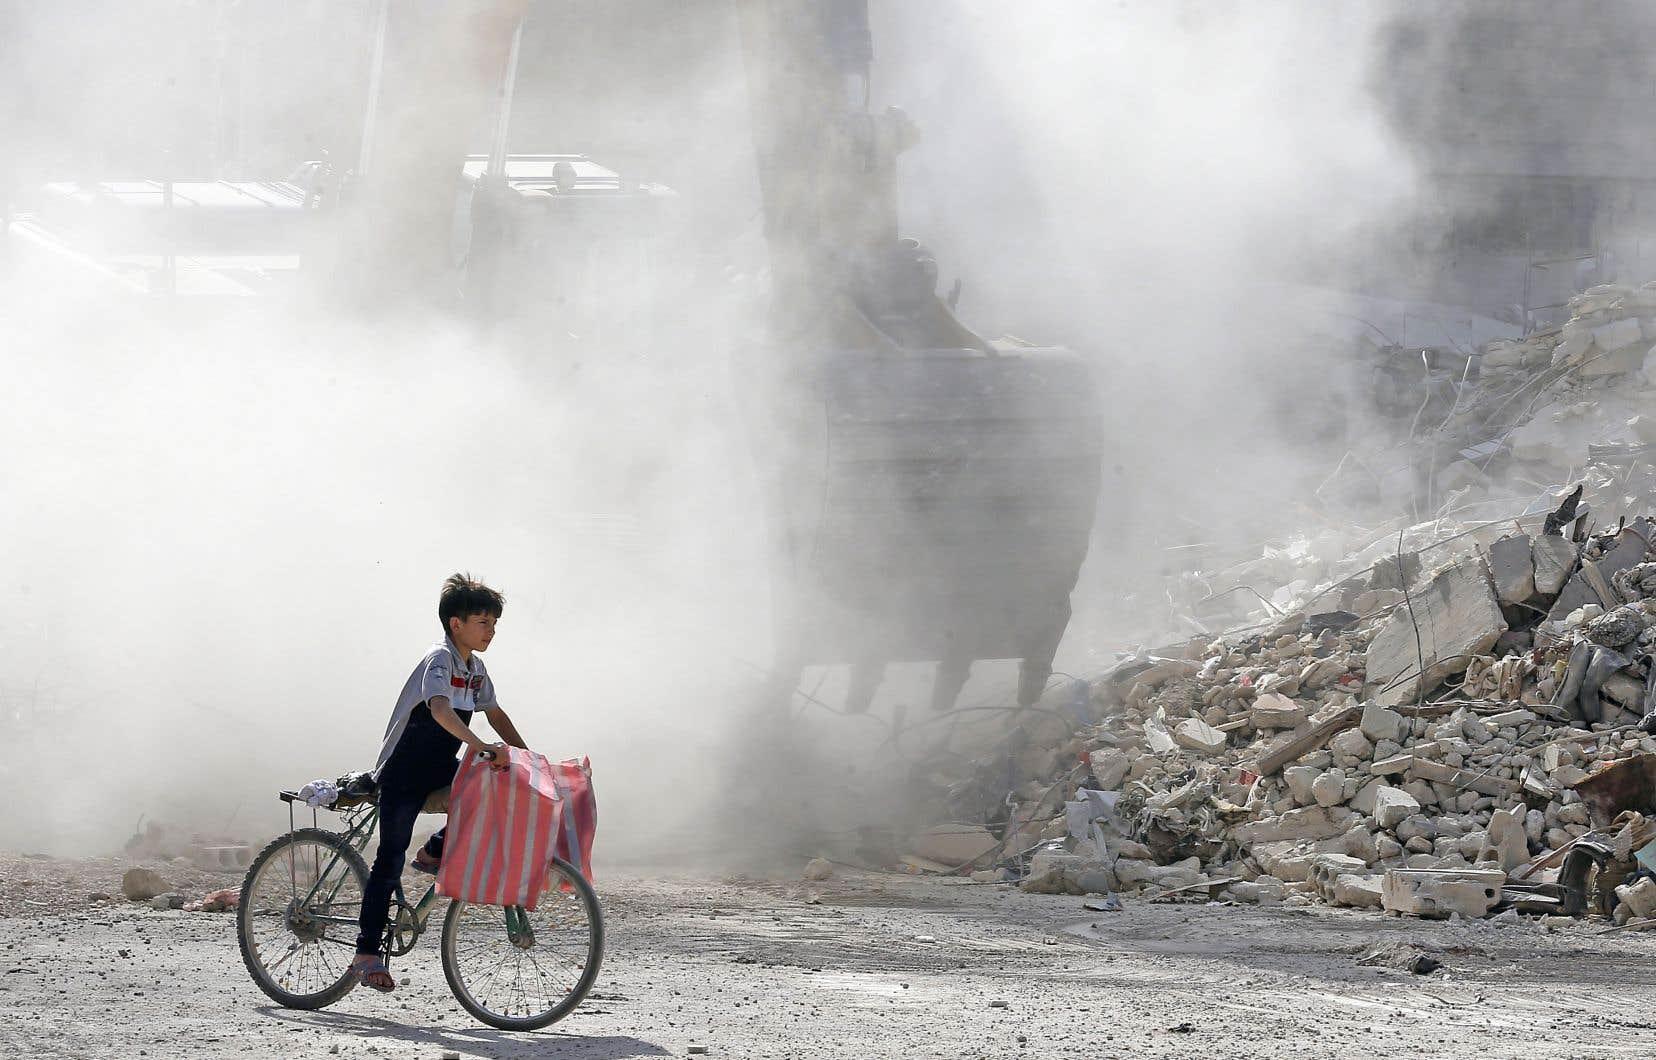 Dans la ville syrienne d'Harasta, bulldozers et camions sont les seuls à rouler. Les enfants zigzaguent entre les monticules de gravats, reliques des bombardements du régime.